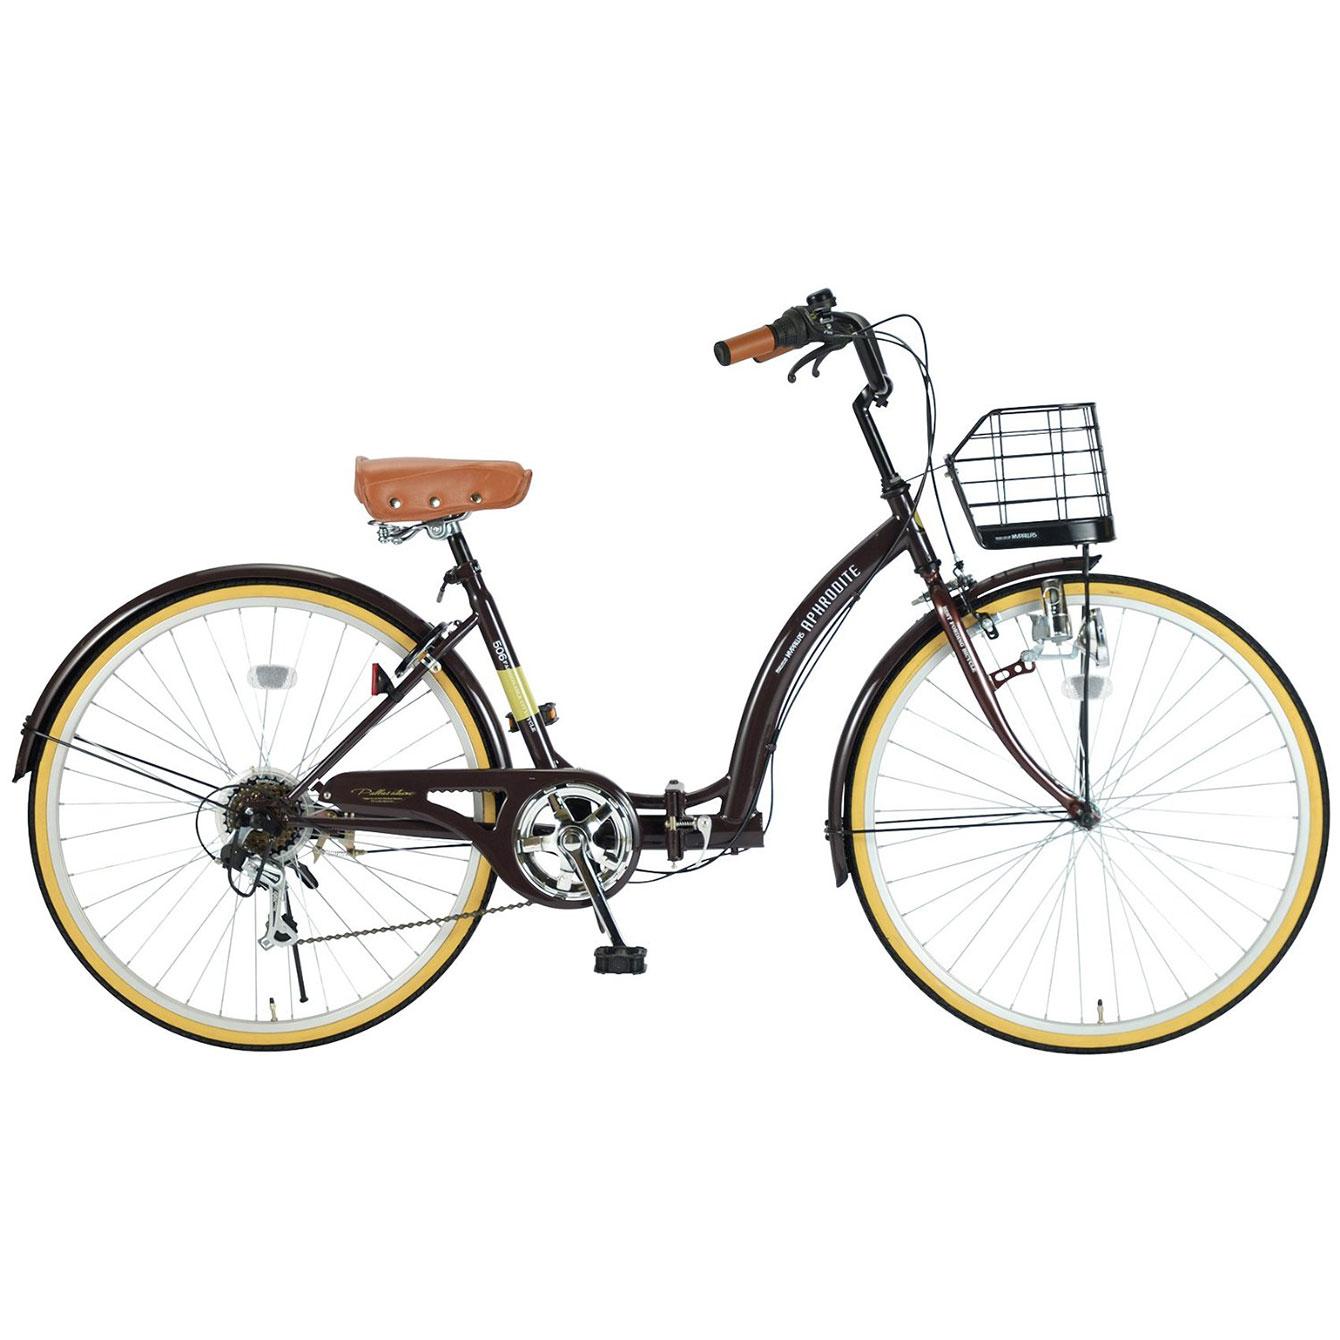 自転車の 街乗り 自転車 ファッション : 街乗り自転車特集 通販 | Amazon ...